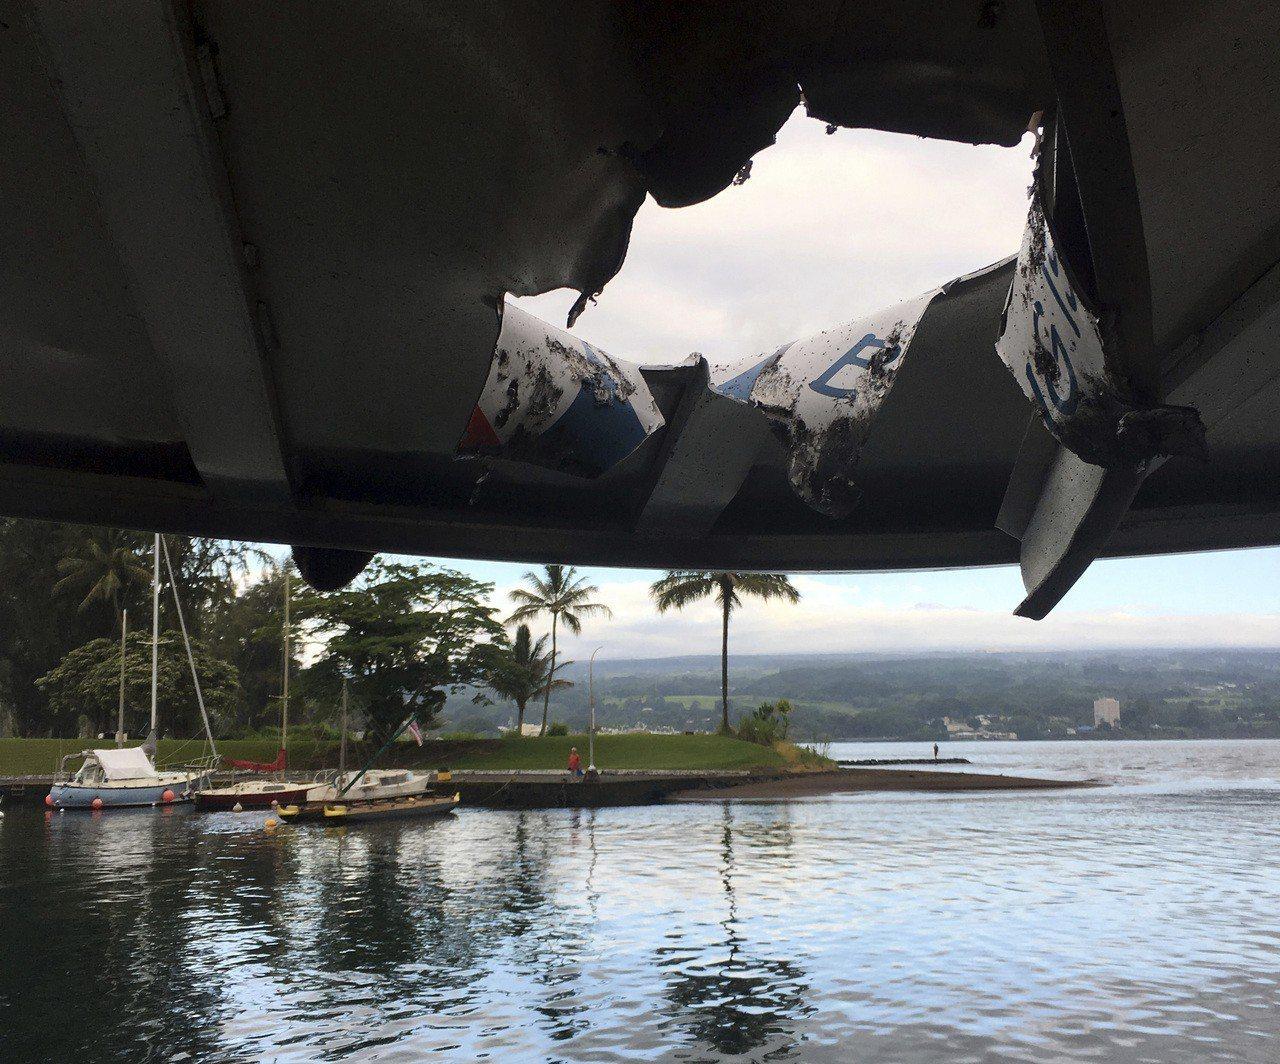 美國夏威夷大島,幾勞亞火山噴發不斷吸引大批遊客,16日一艘觀光船在參觀岩漿入海奇...